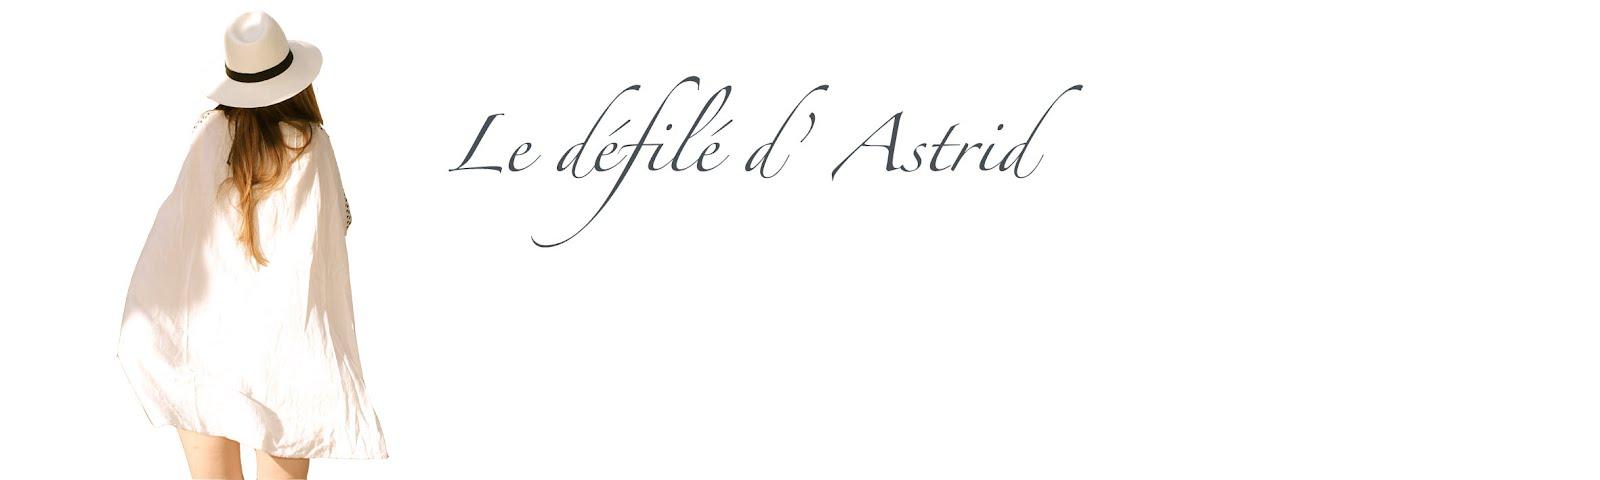 Le défilé d'Astrid